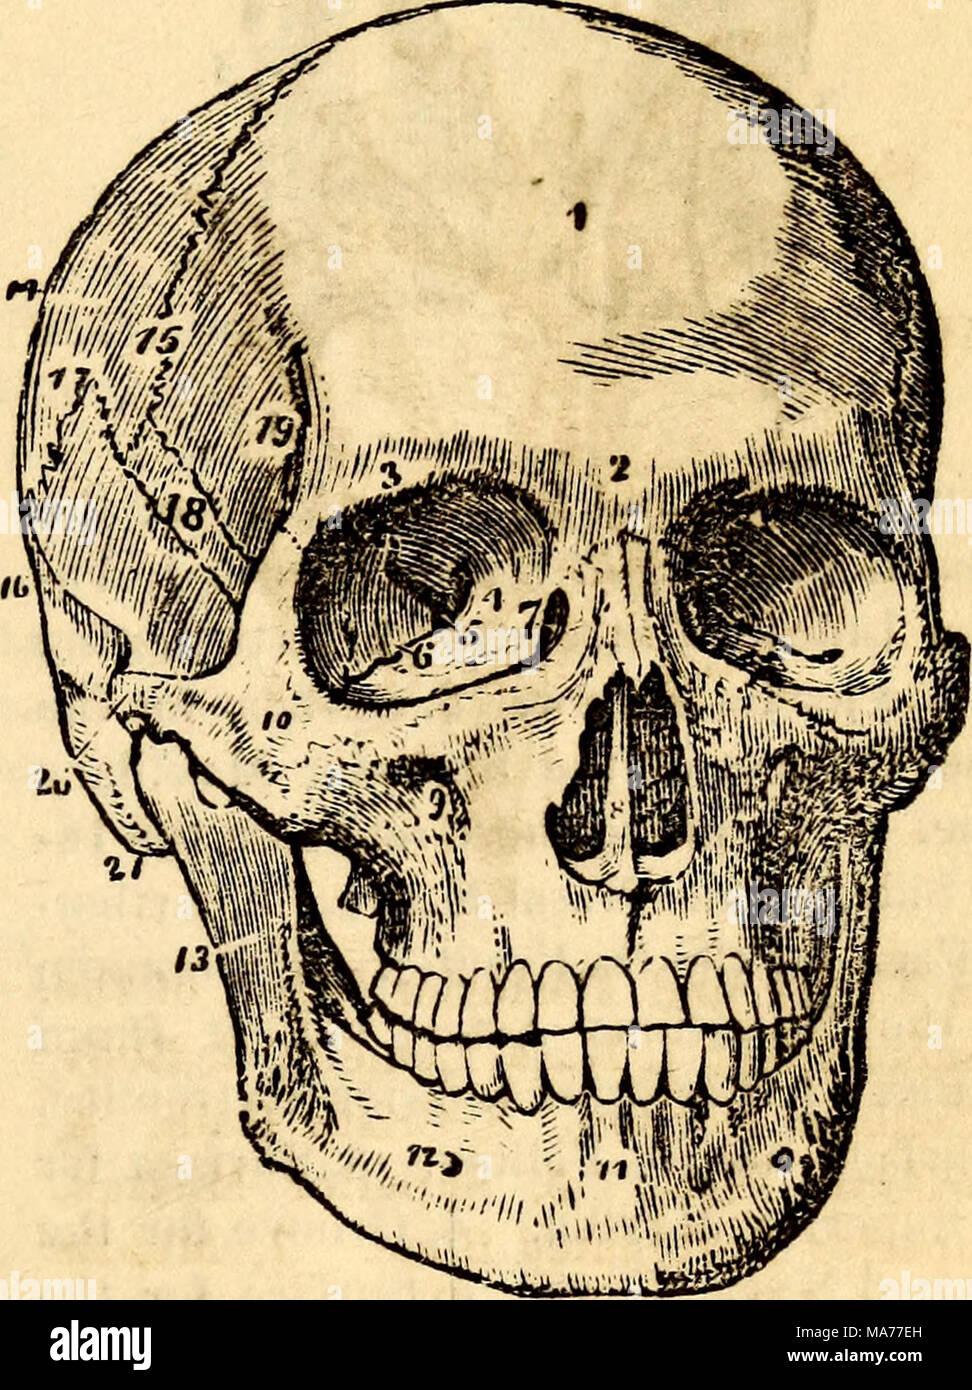 Increíble Anatomía Y Fisiología Del Cráneo Bosquejo - Imágenes de ...